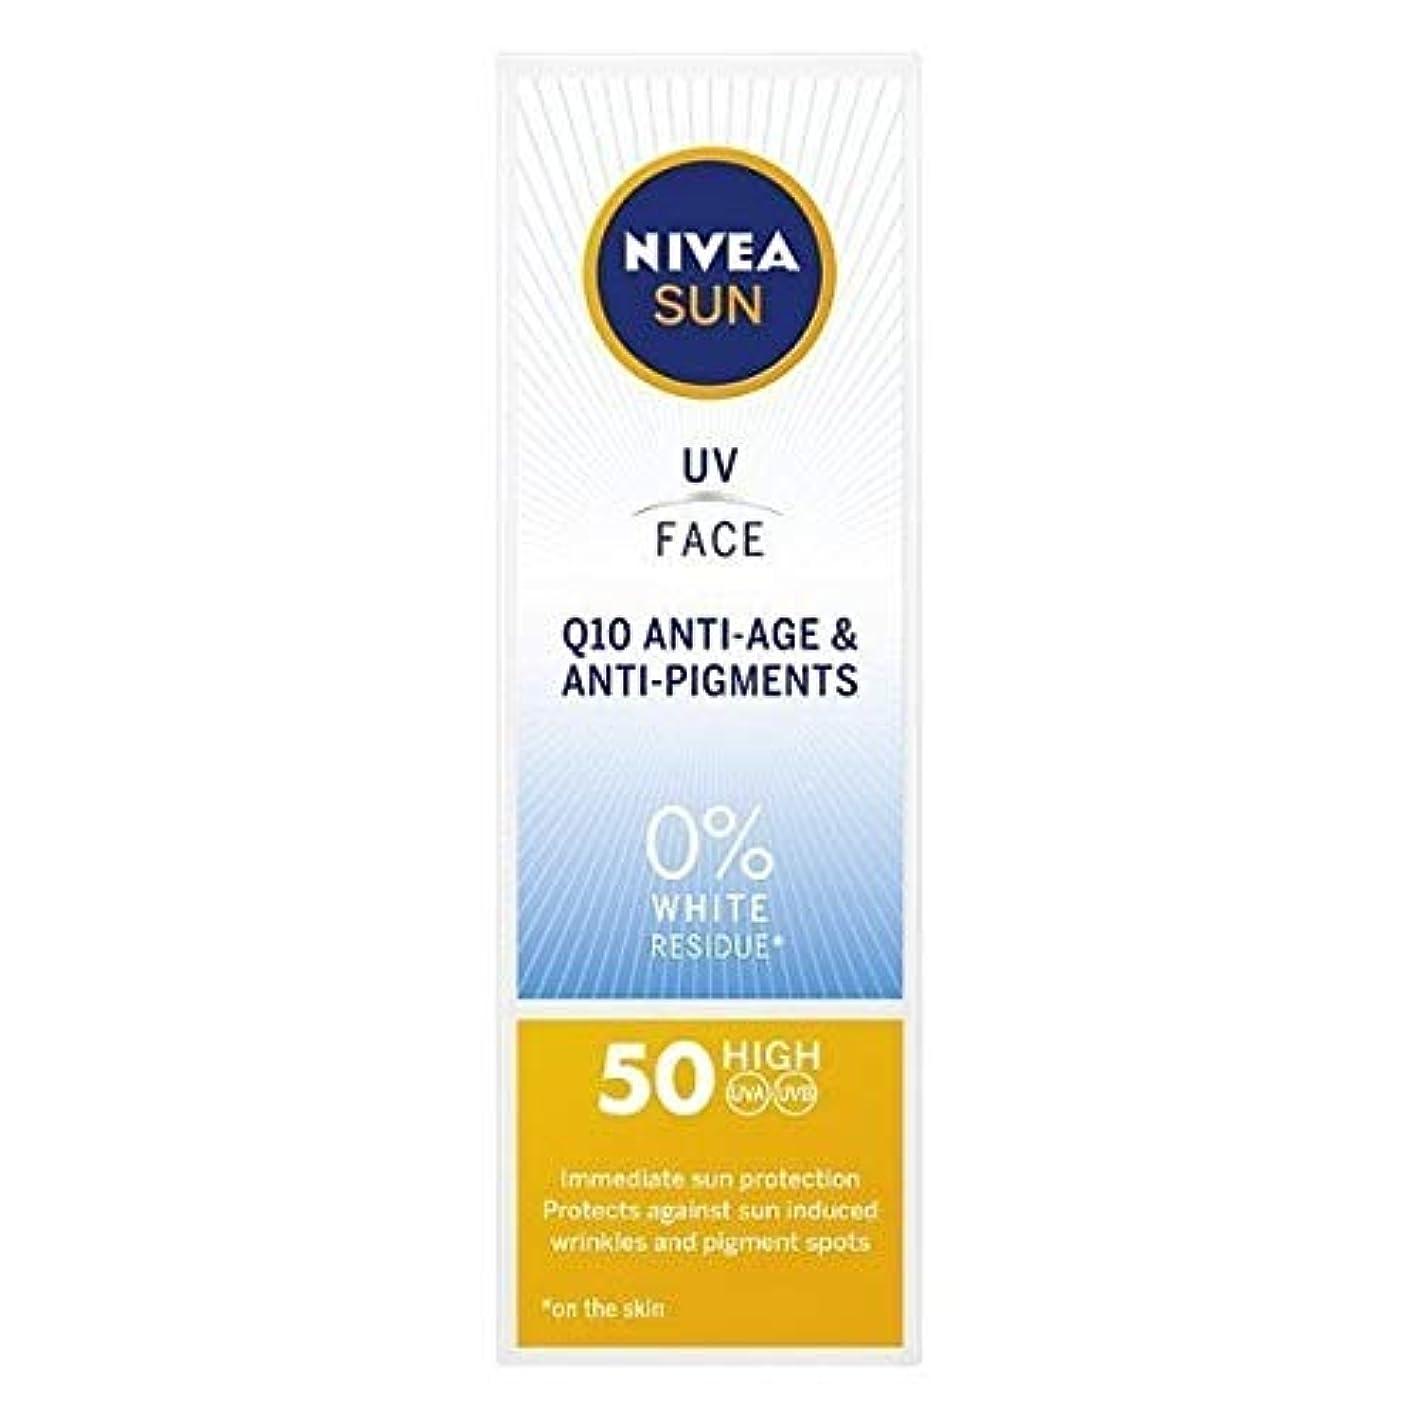 いとこ定刻慣性[Nivea ] ニベアサンUvフェイスSpf 50 Q10抗加齢&抗顔料50ミリリットル - NIVEA SUN UV Face SPF 50 Q10 Anti-Age & Anti-Pigments 50ml [並行輸入品]